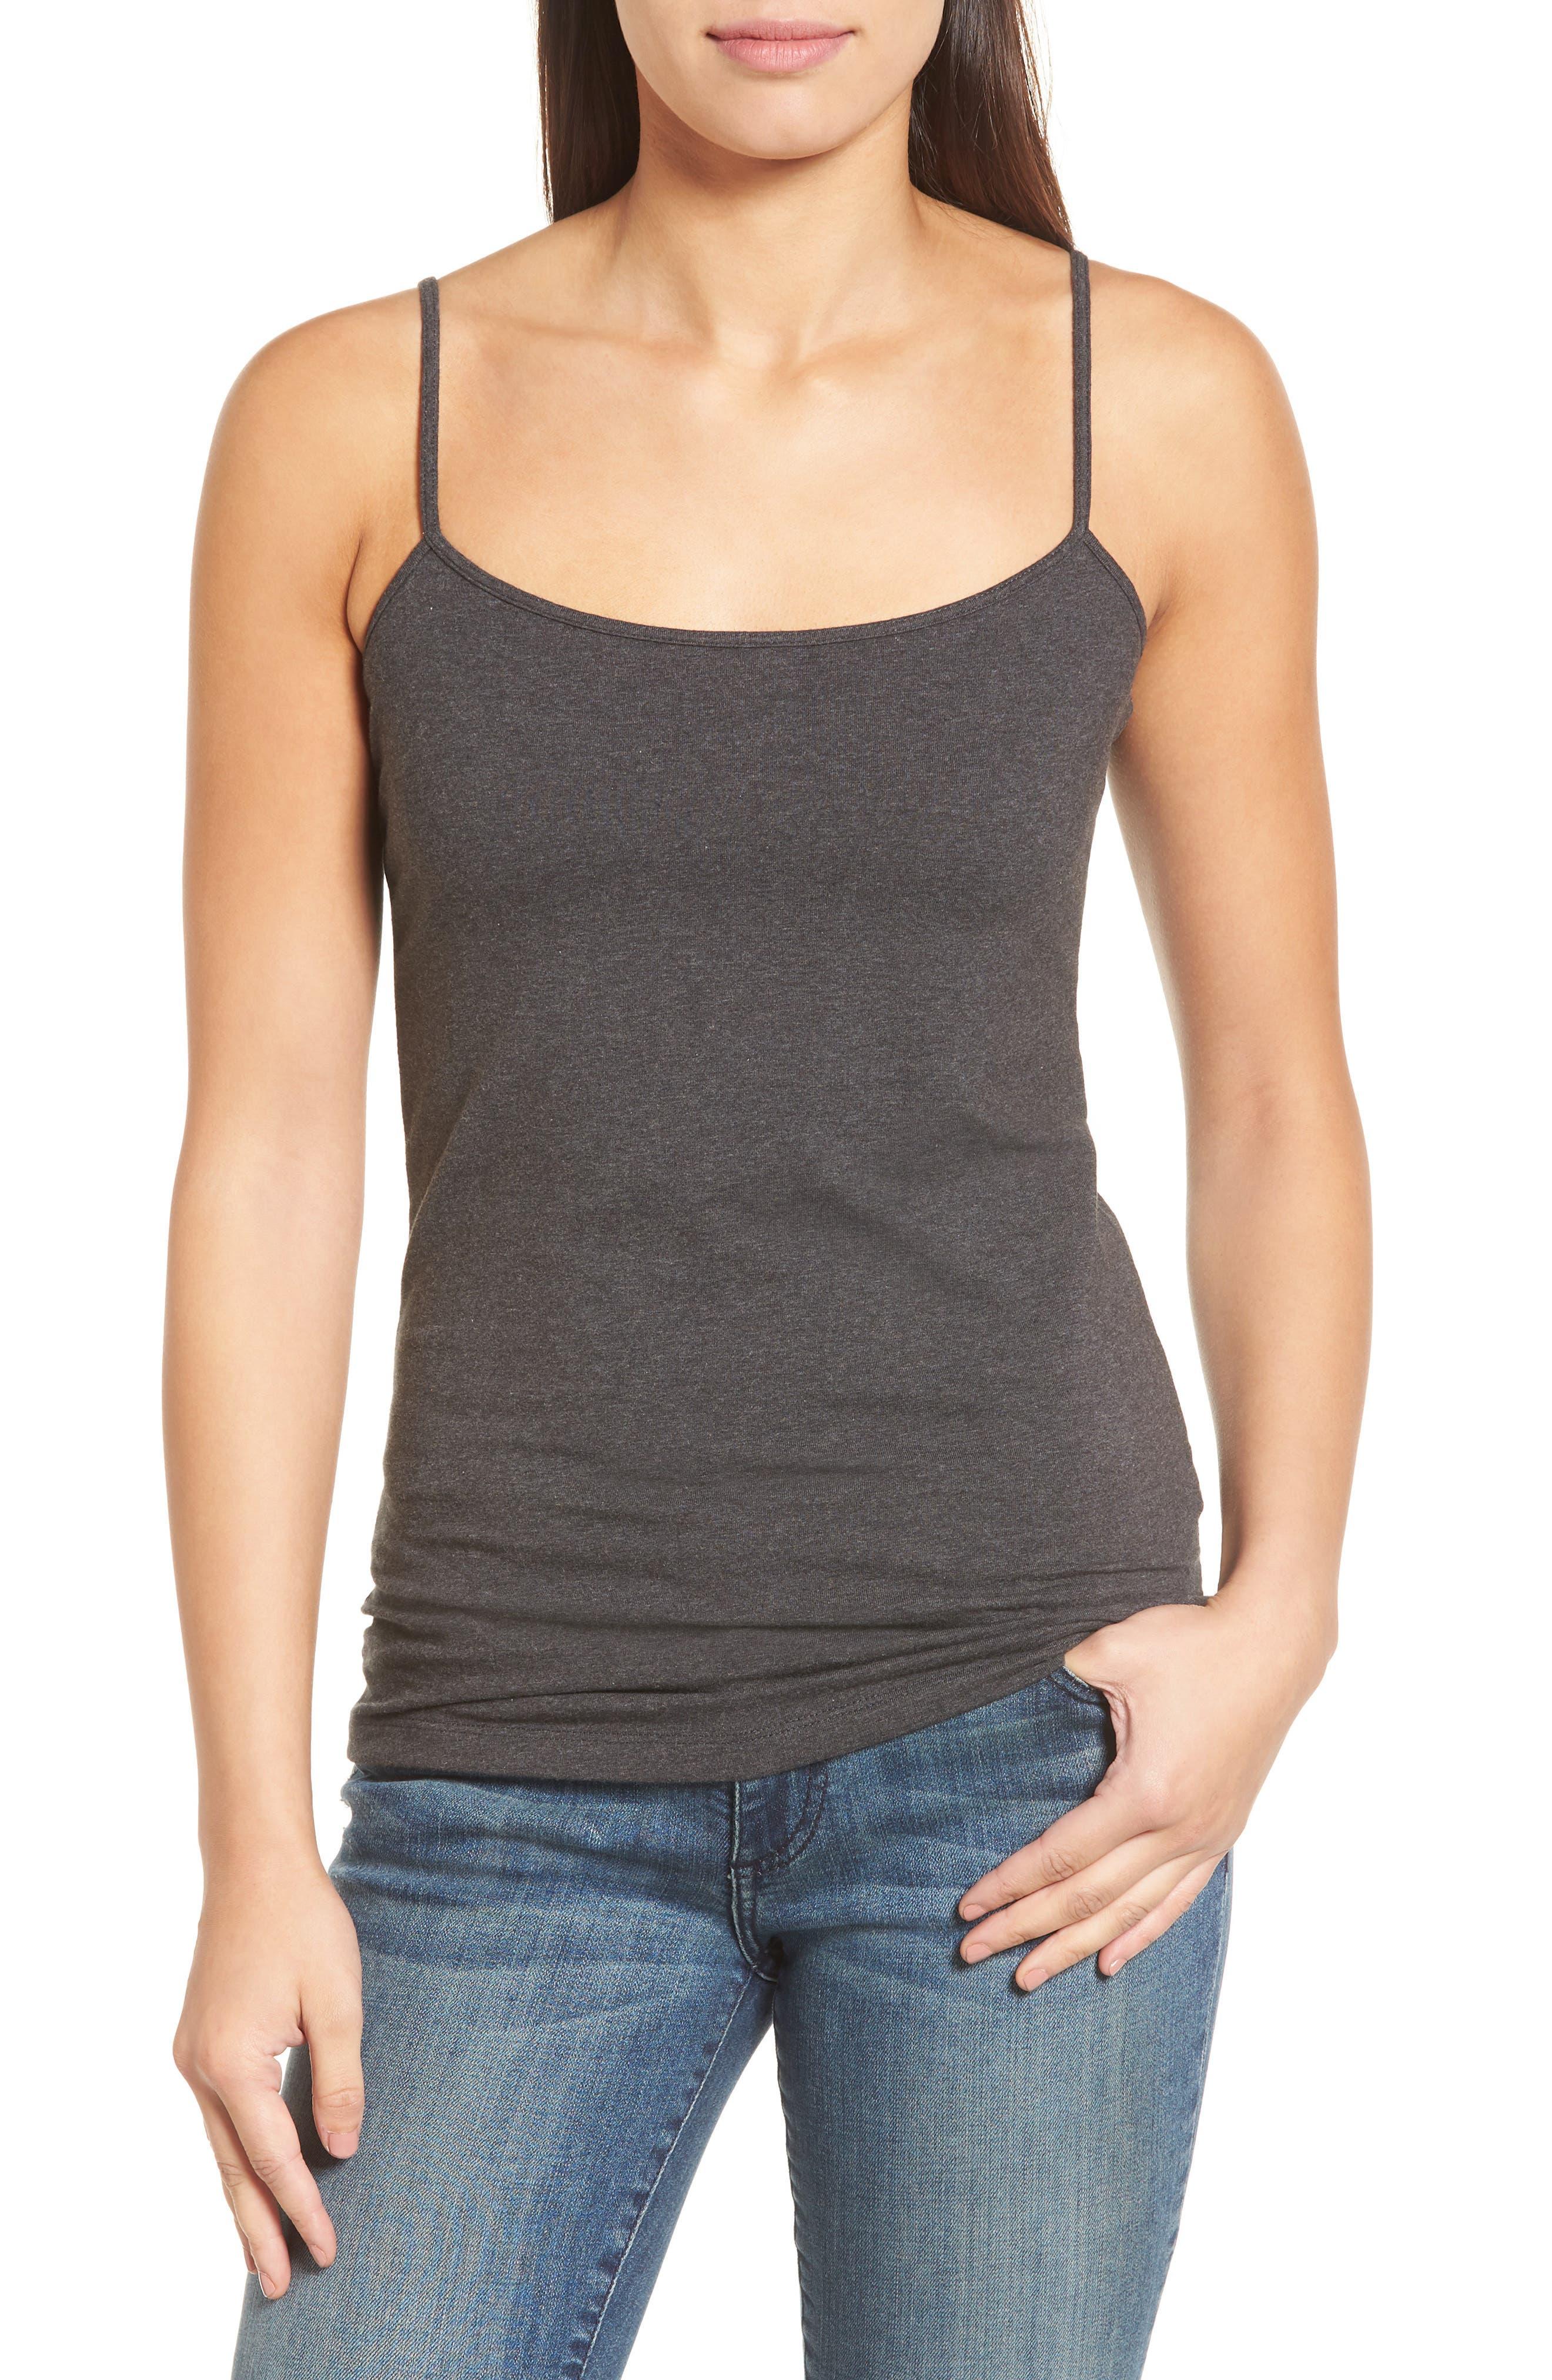 e64d4f2d85035a Women s Grey Tops